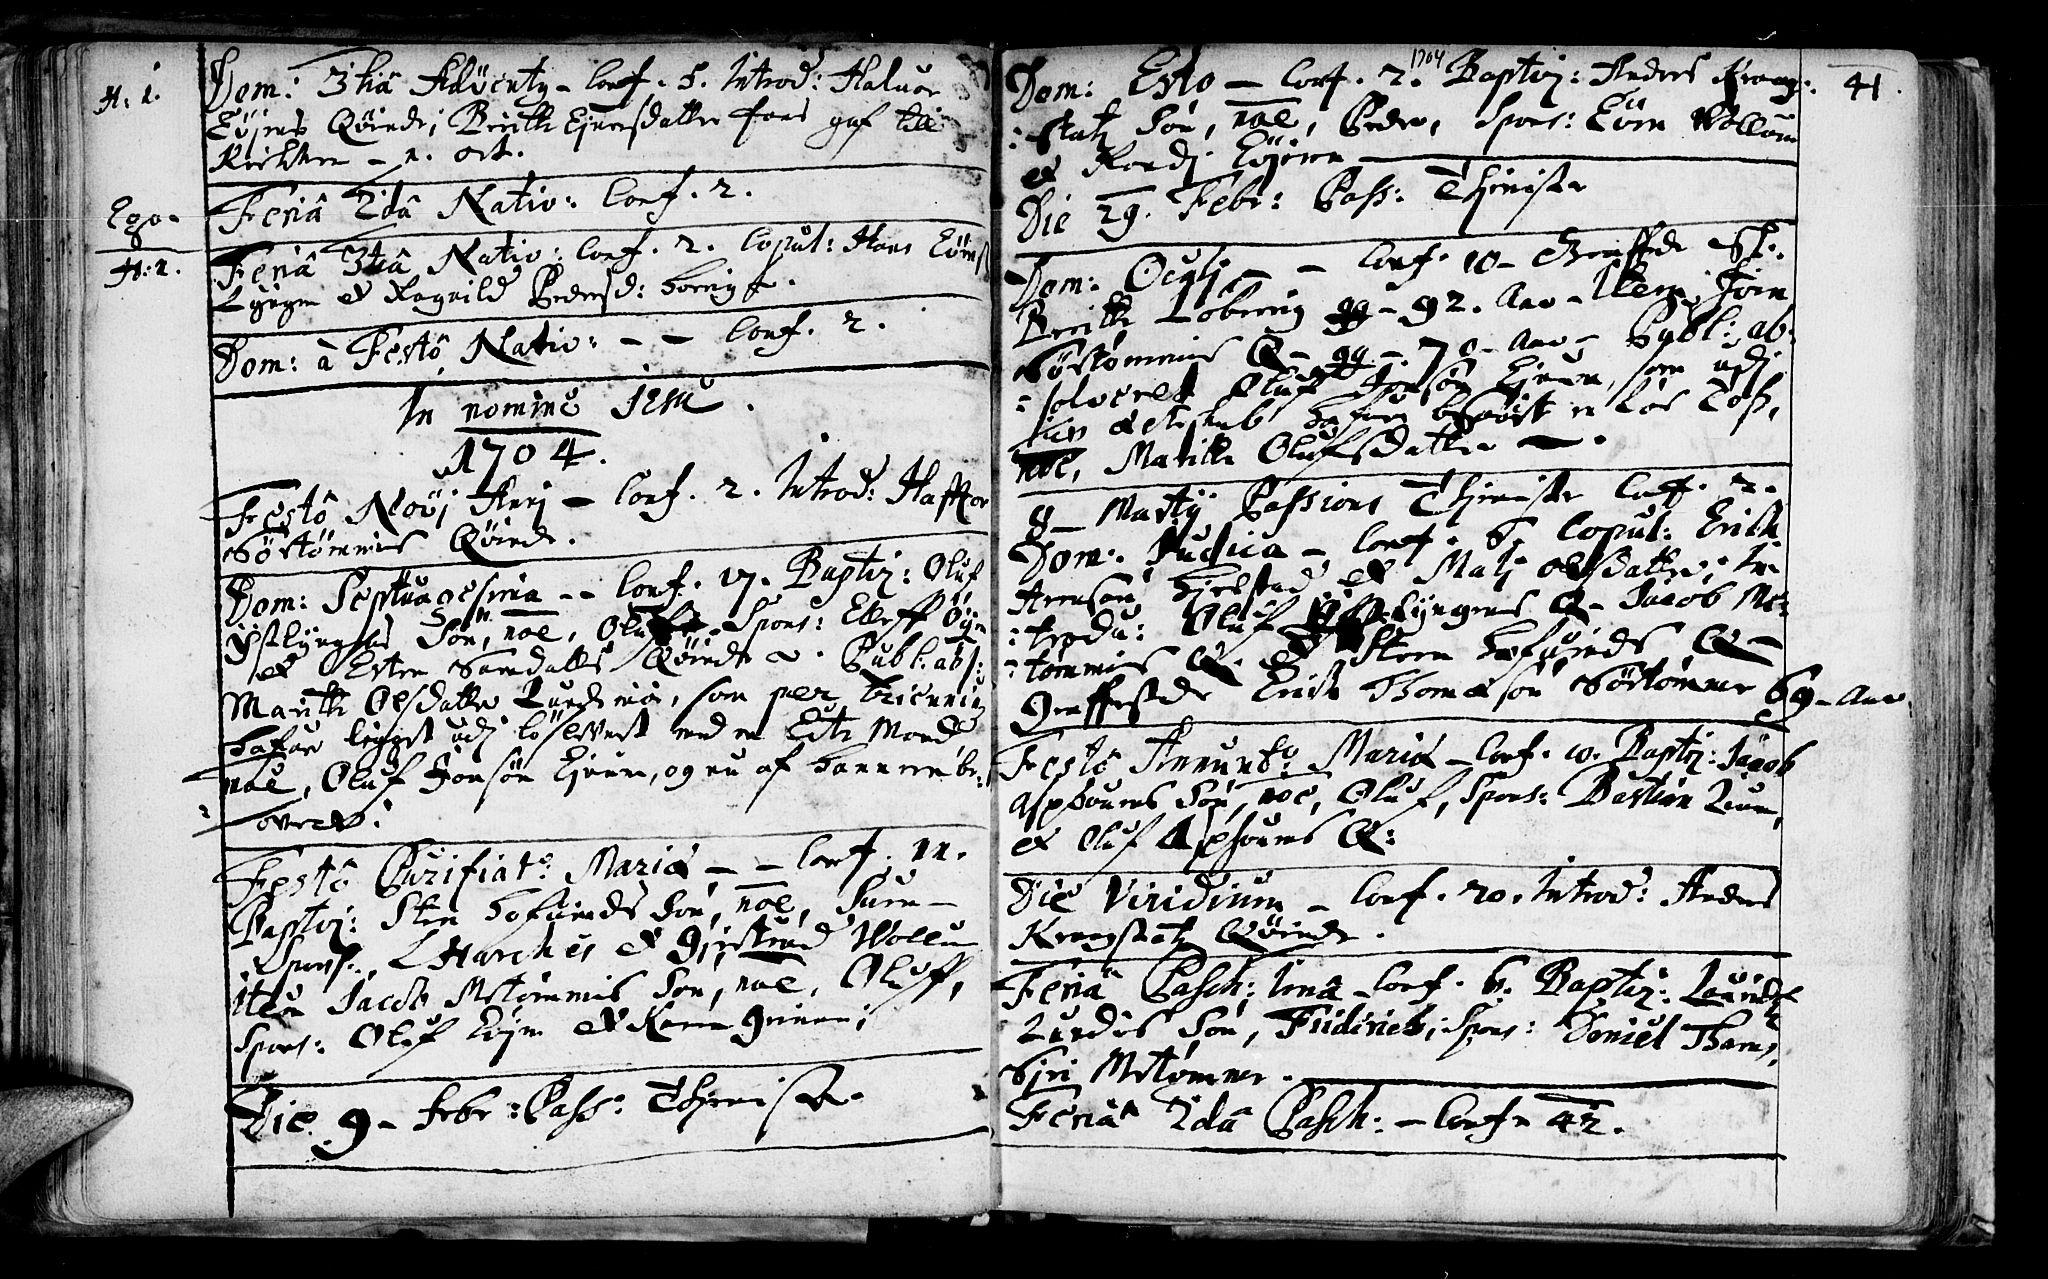 SAT, Ministerialprotokoller, klokkerbøker og fødselsregistre - Sør-Trøndelag, 692/L1101: Ministerialbok nr. 692A01, 1690-1746, s. 41